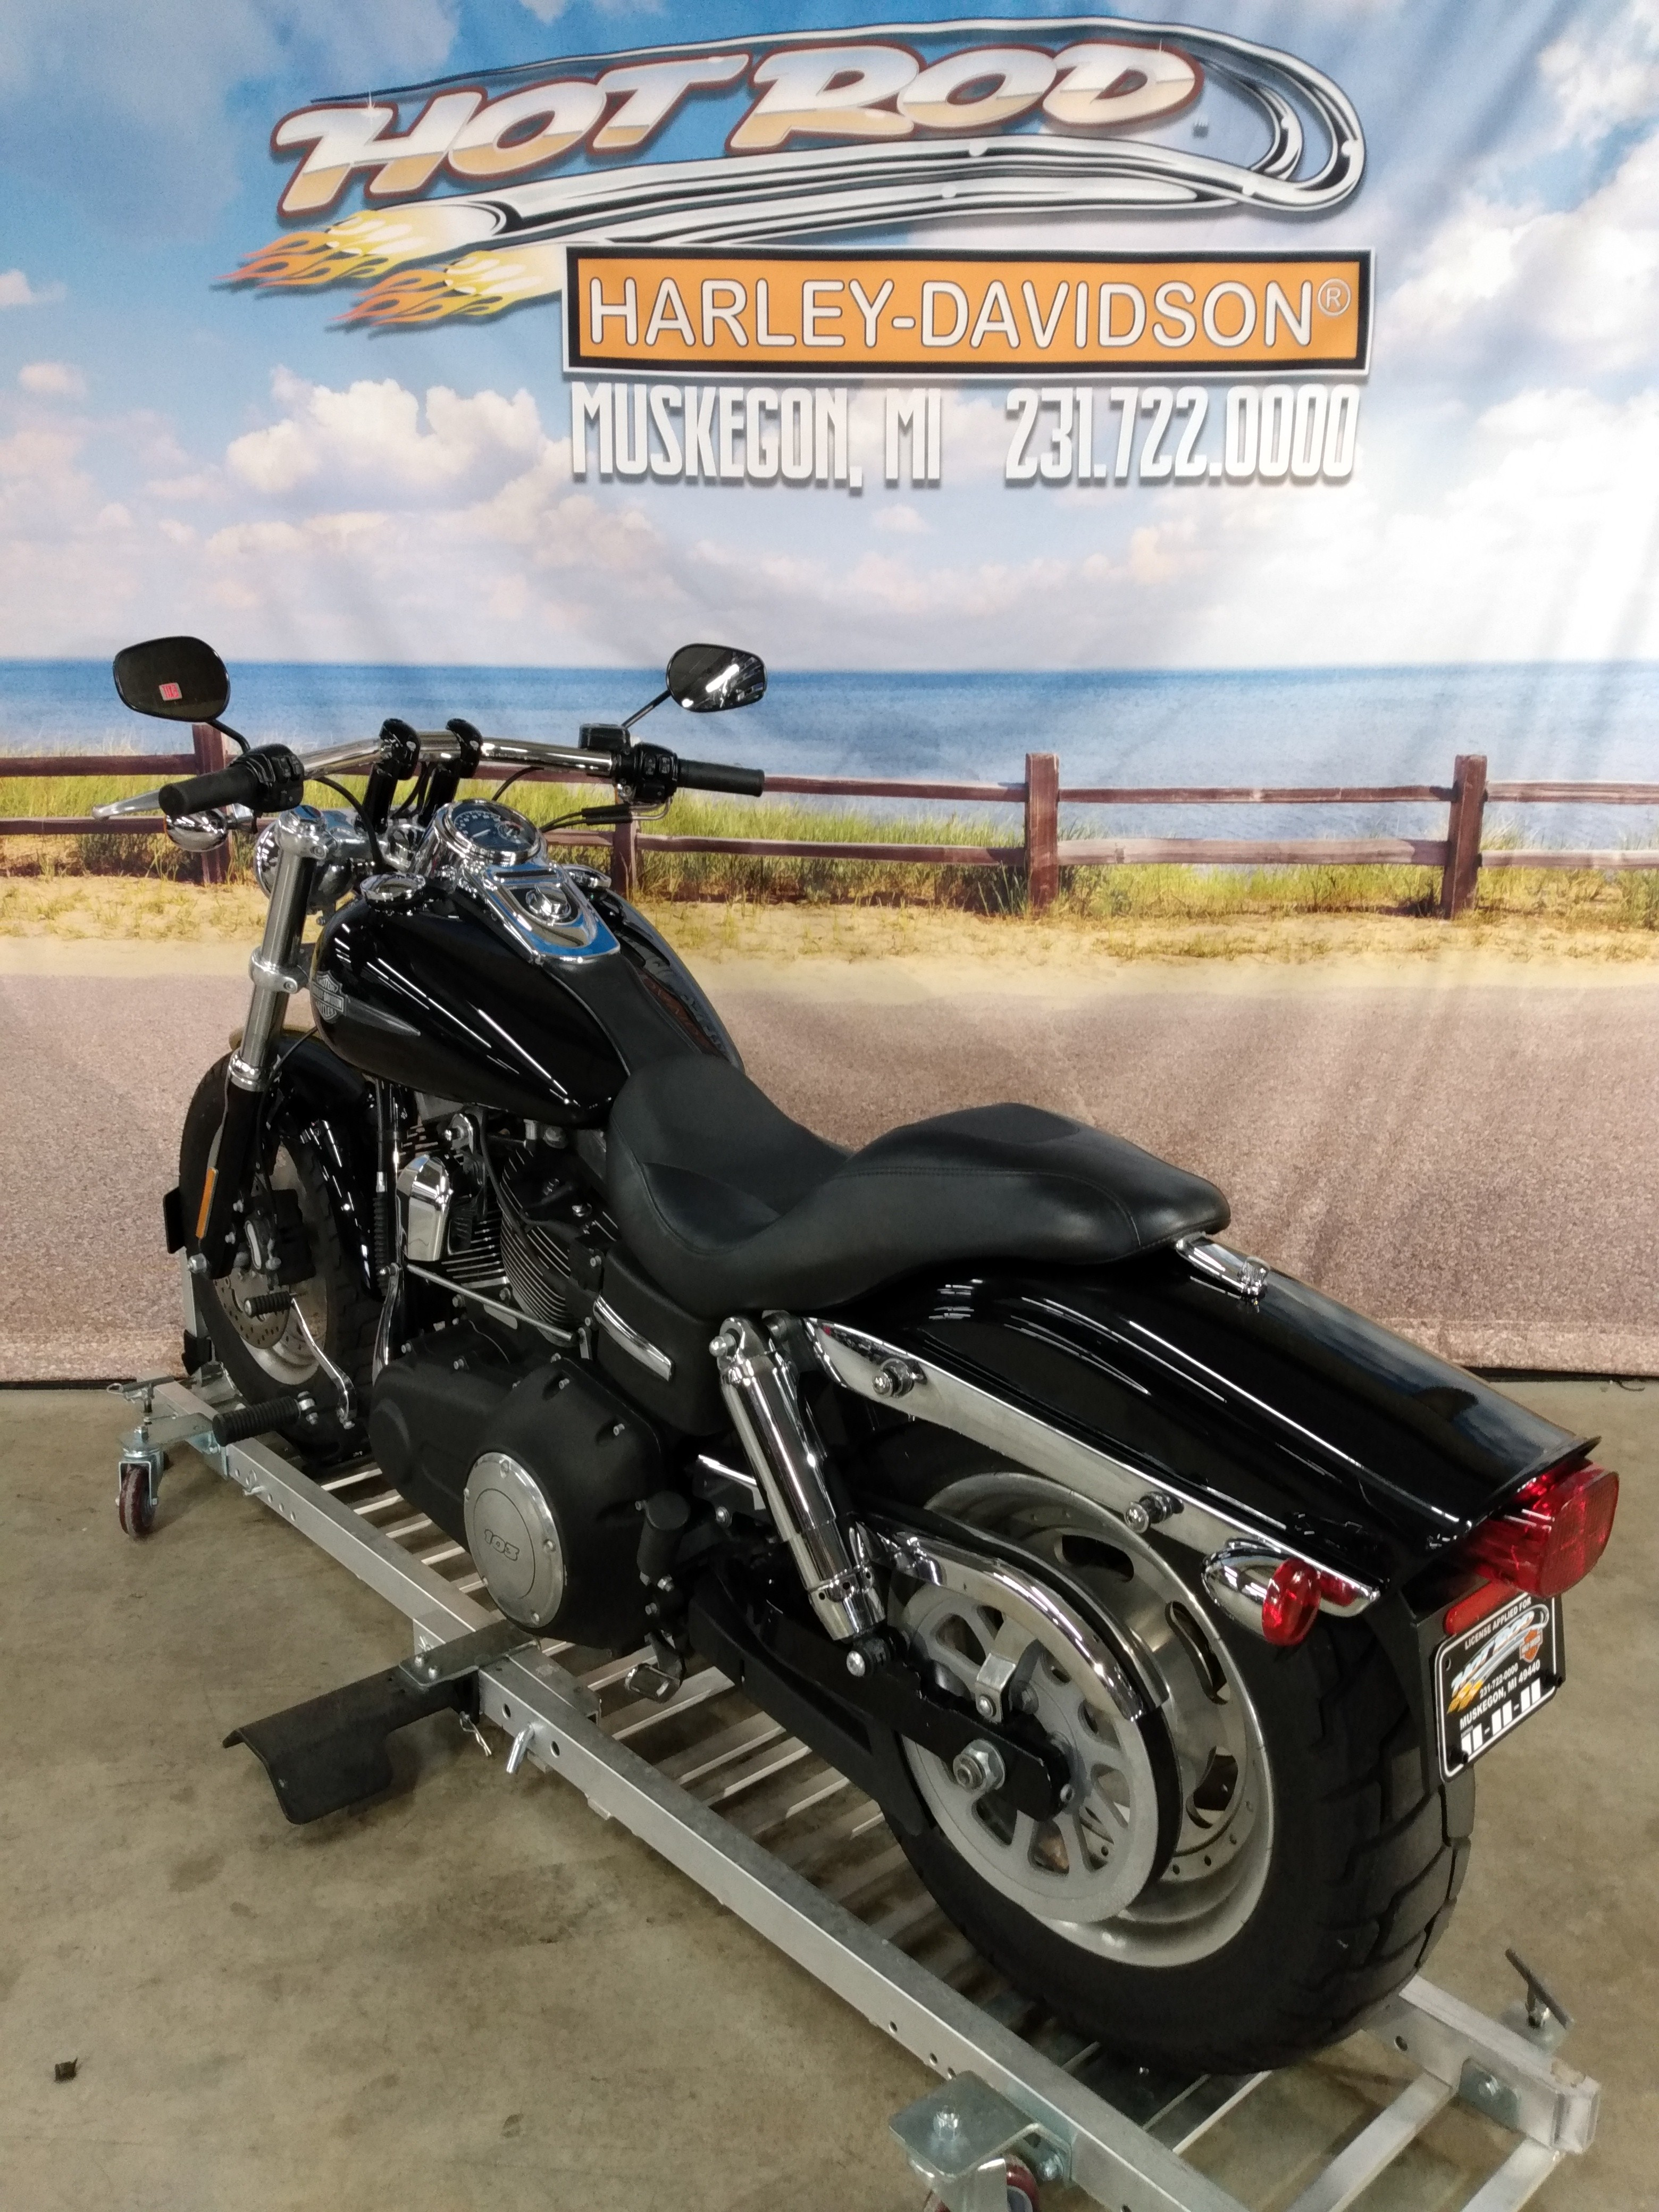 2012 Harley-Davidson Dyna Glide Fat Bob at Hot Rod Harley-Davidson